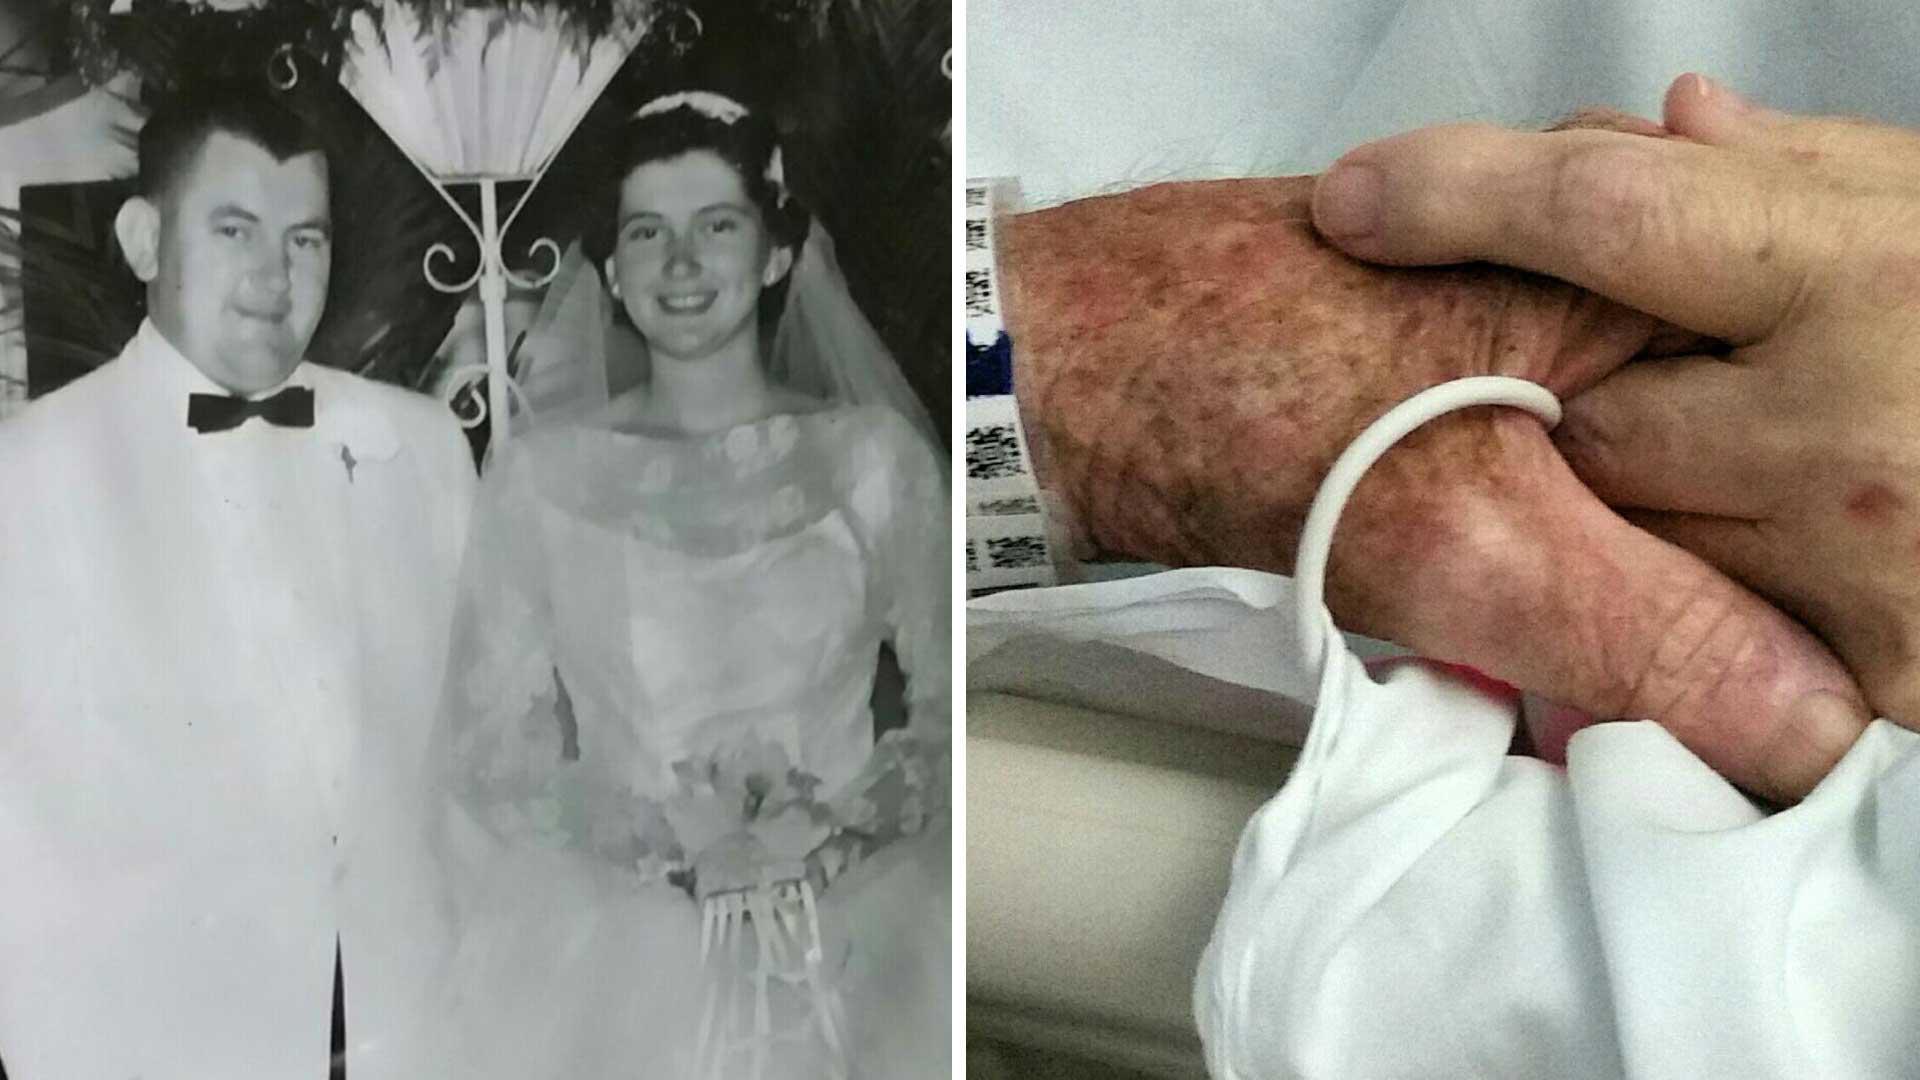 Ζευγάρι που έζησε μαζί 59 ολόκληρα χρόνια, πεθαίνουν την ίδια μέρα κρατώντας ο ένας το χέρι του άλλου